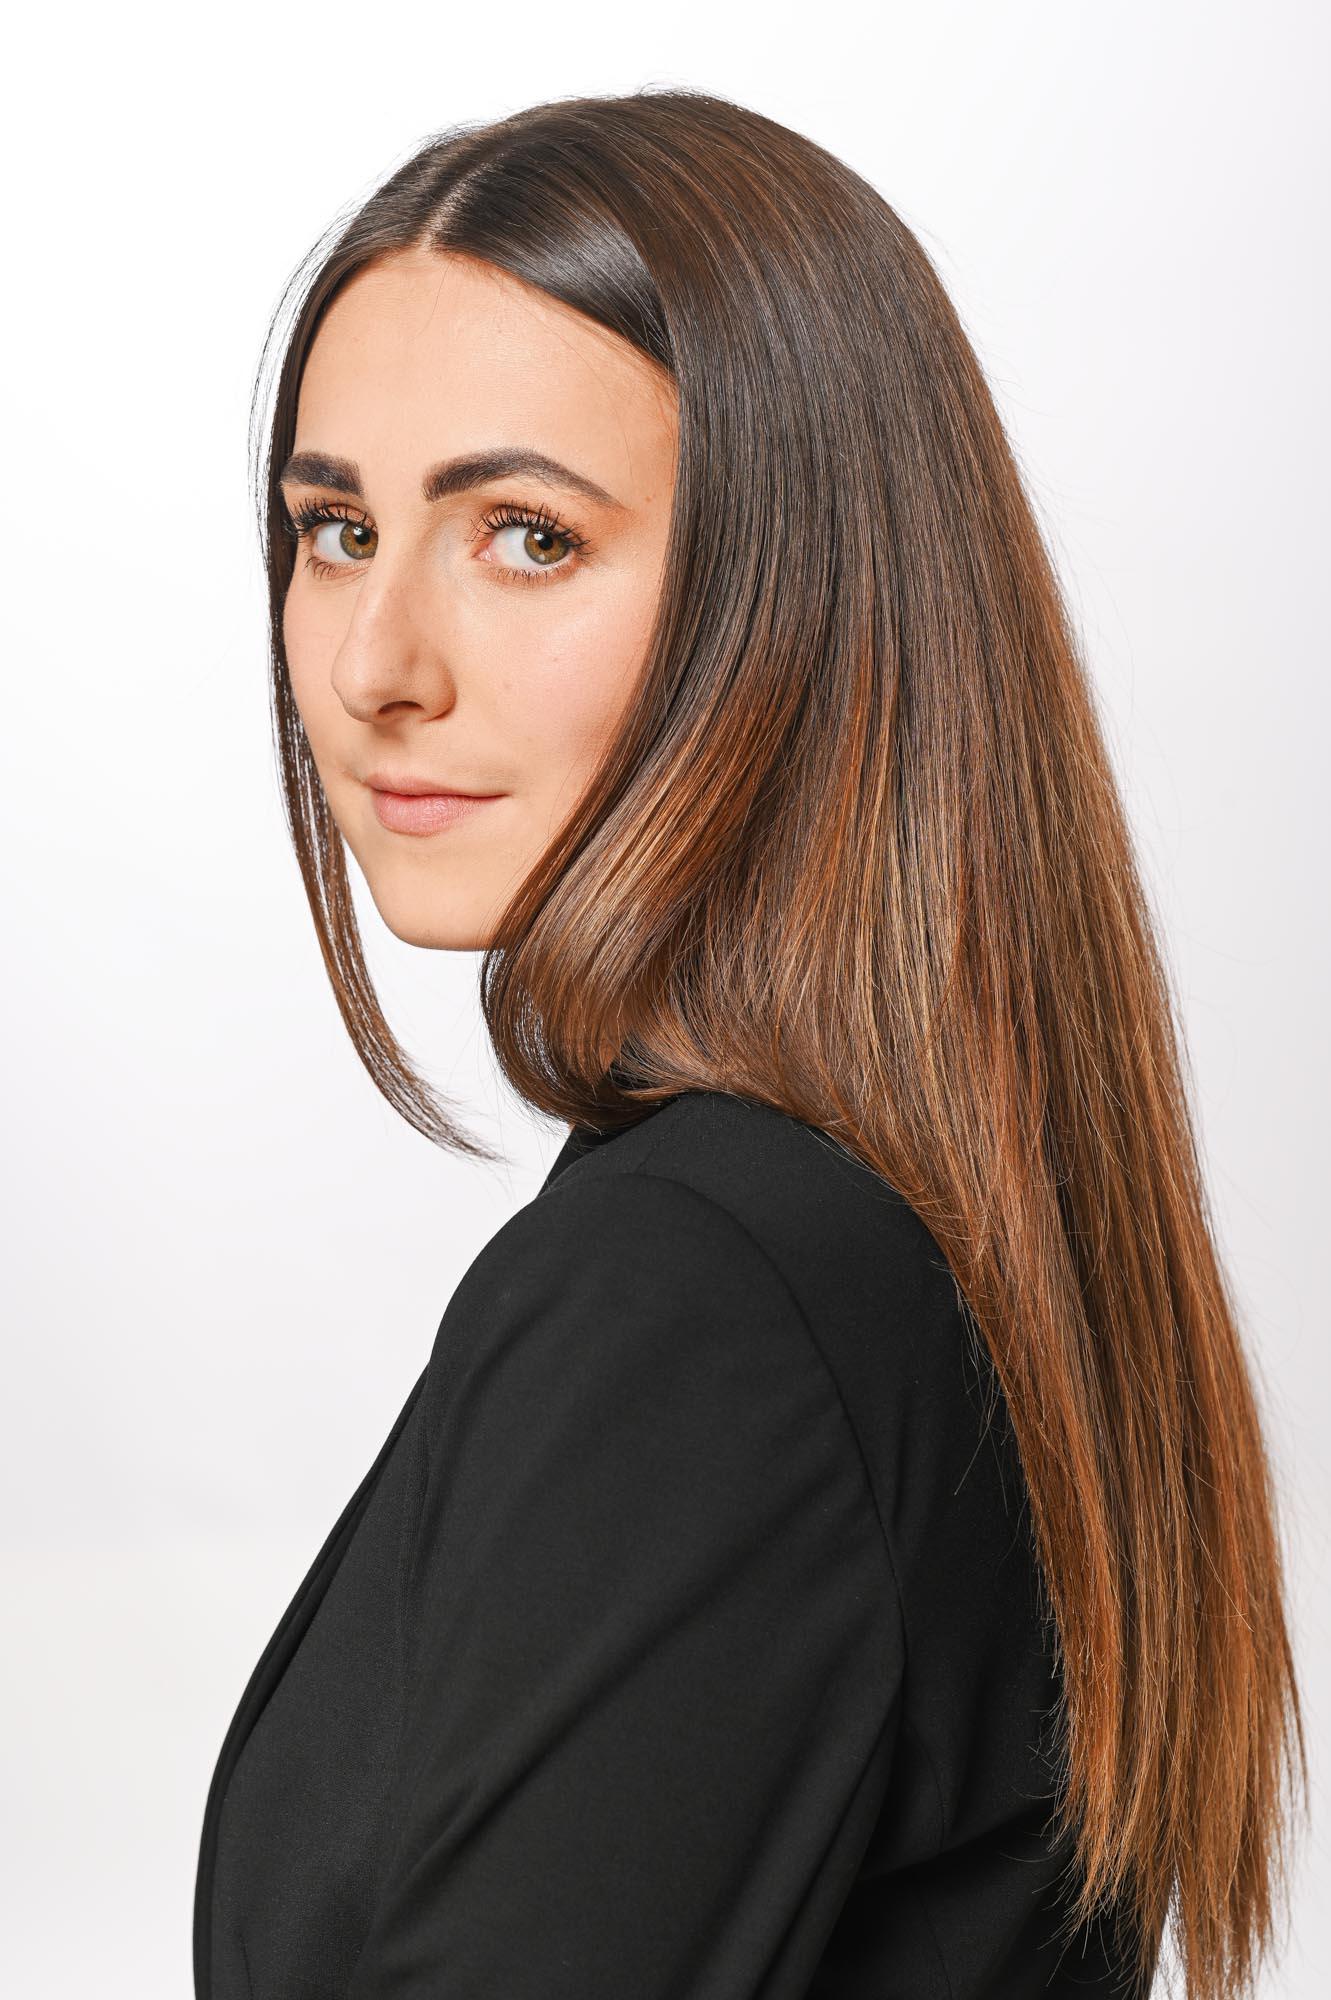 Bewerbungsfotos Trier und Business Portrait - Jasmin - Yaph